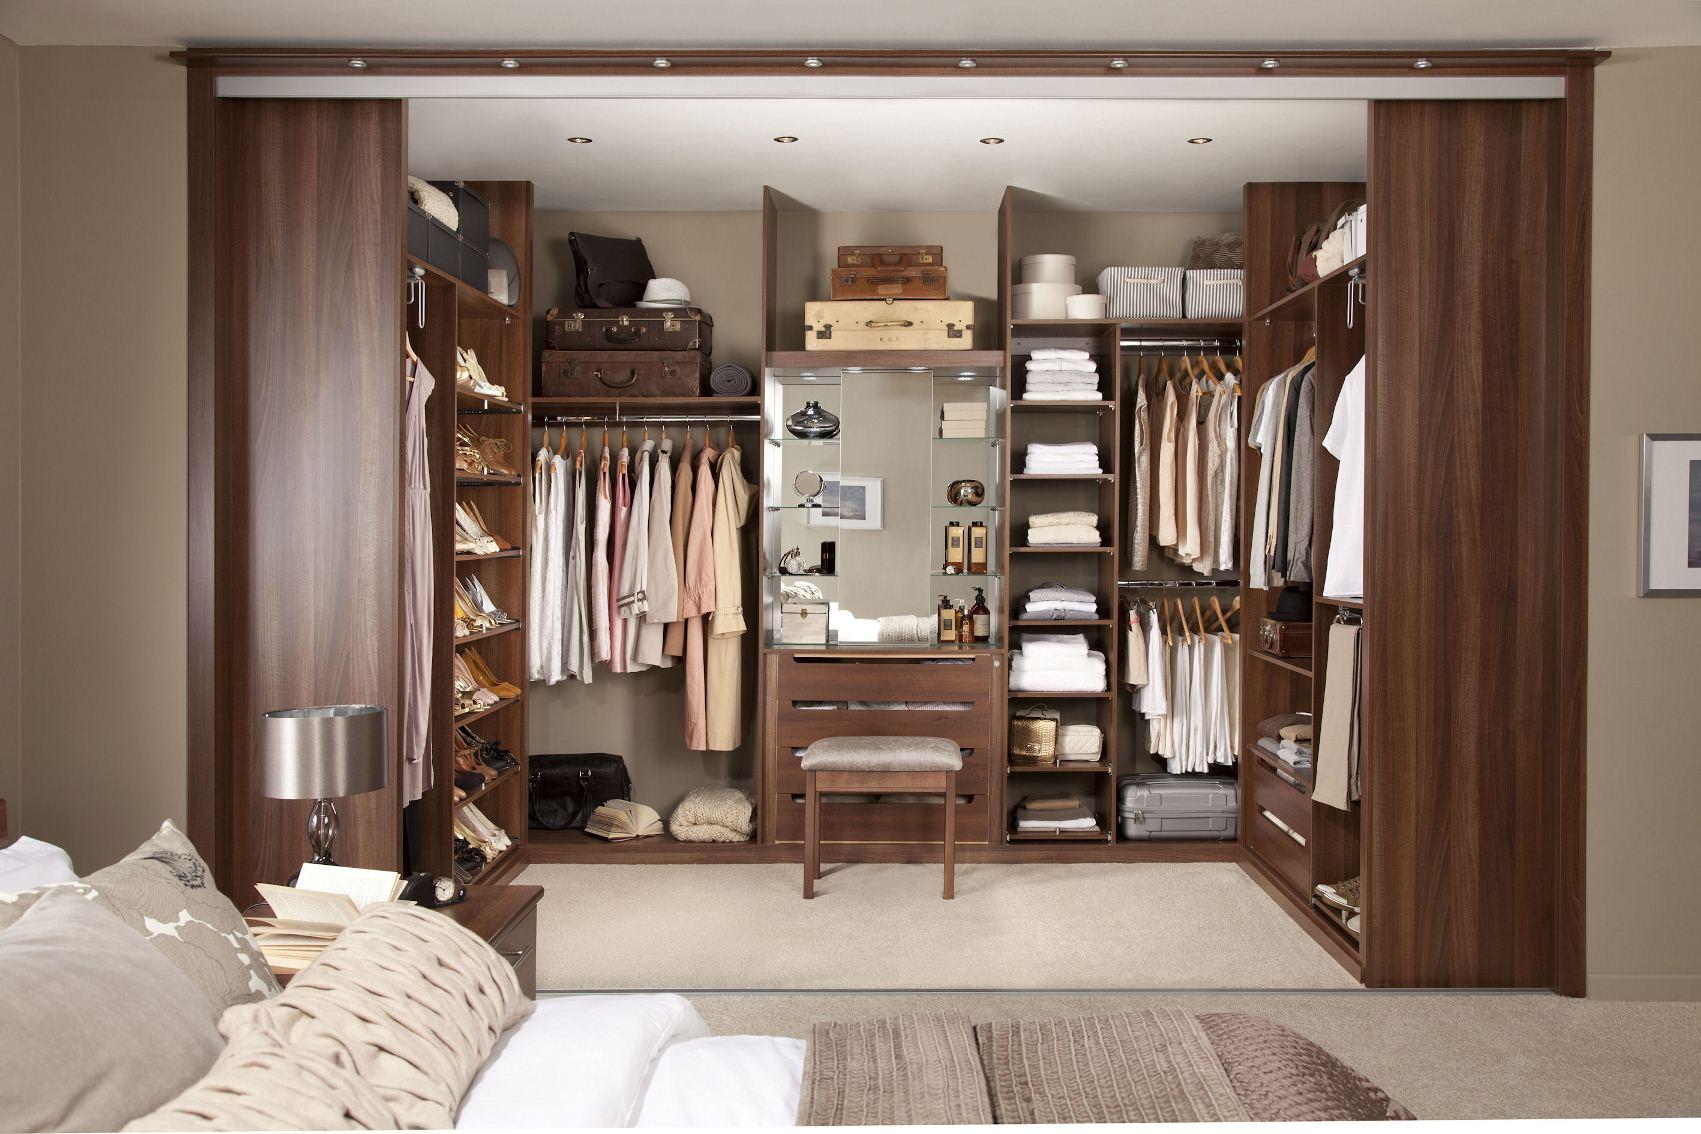 فكرة تصميم دولاب الملابس بغرفة النوم داخل الجدار بغرفة خاصة